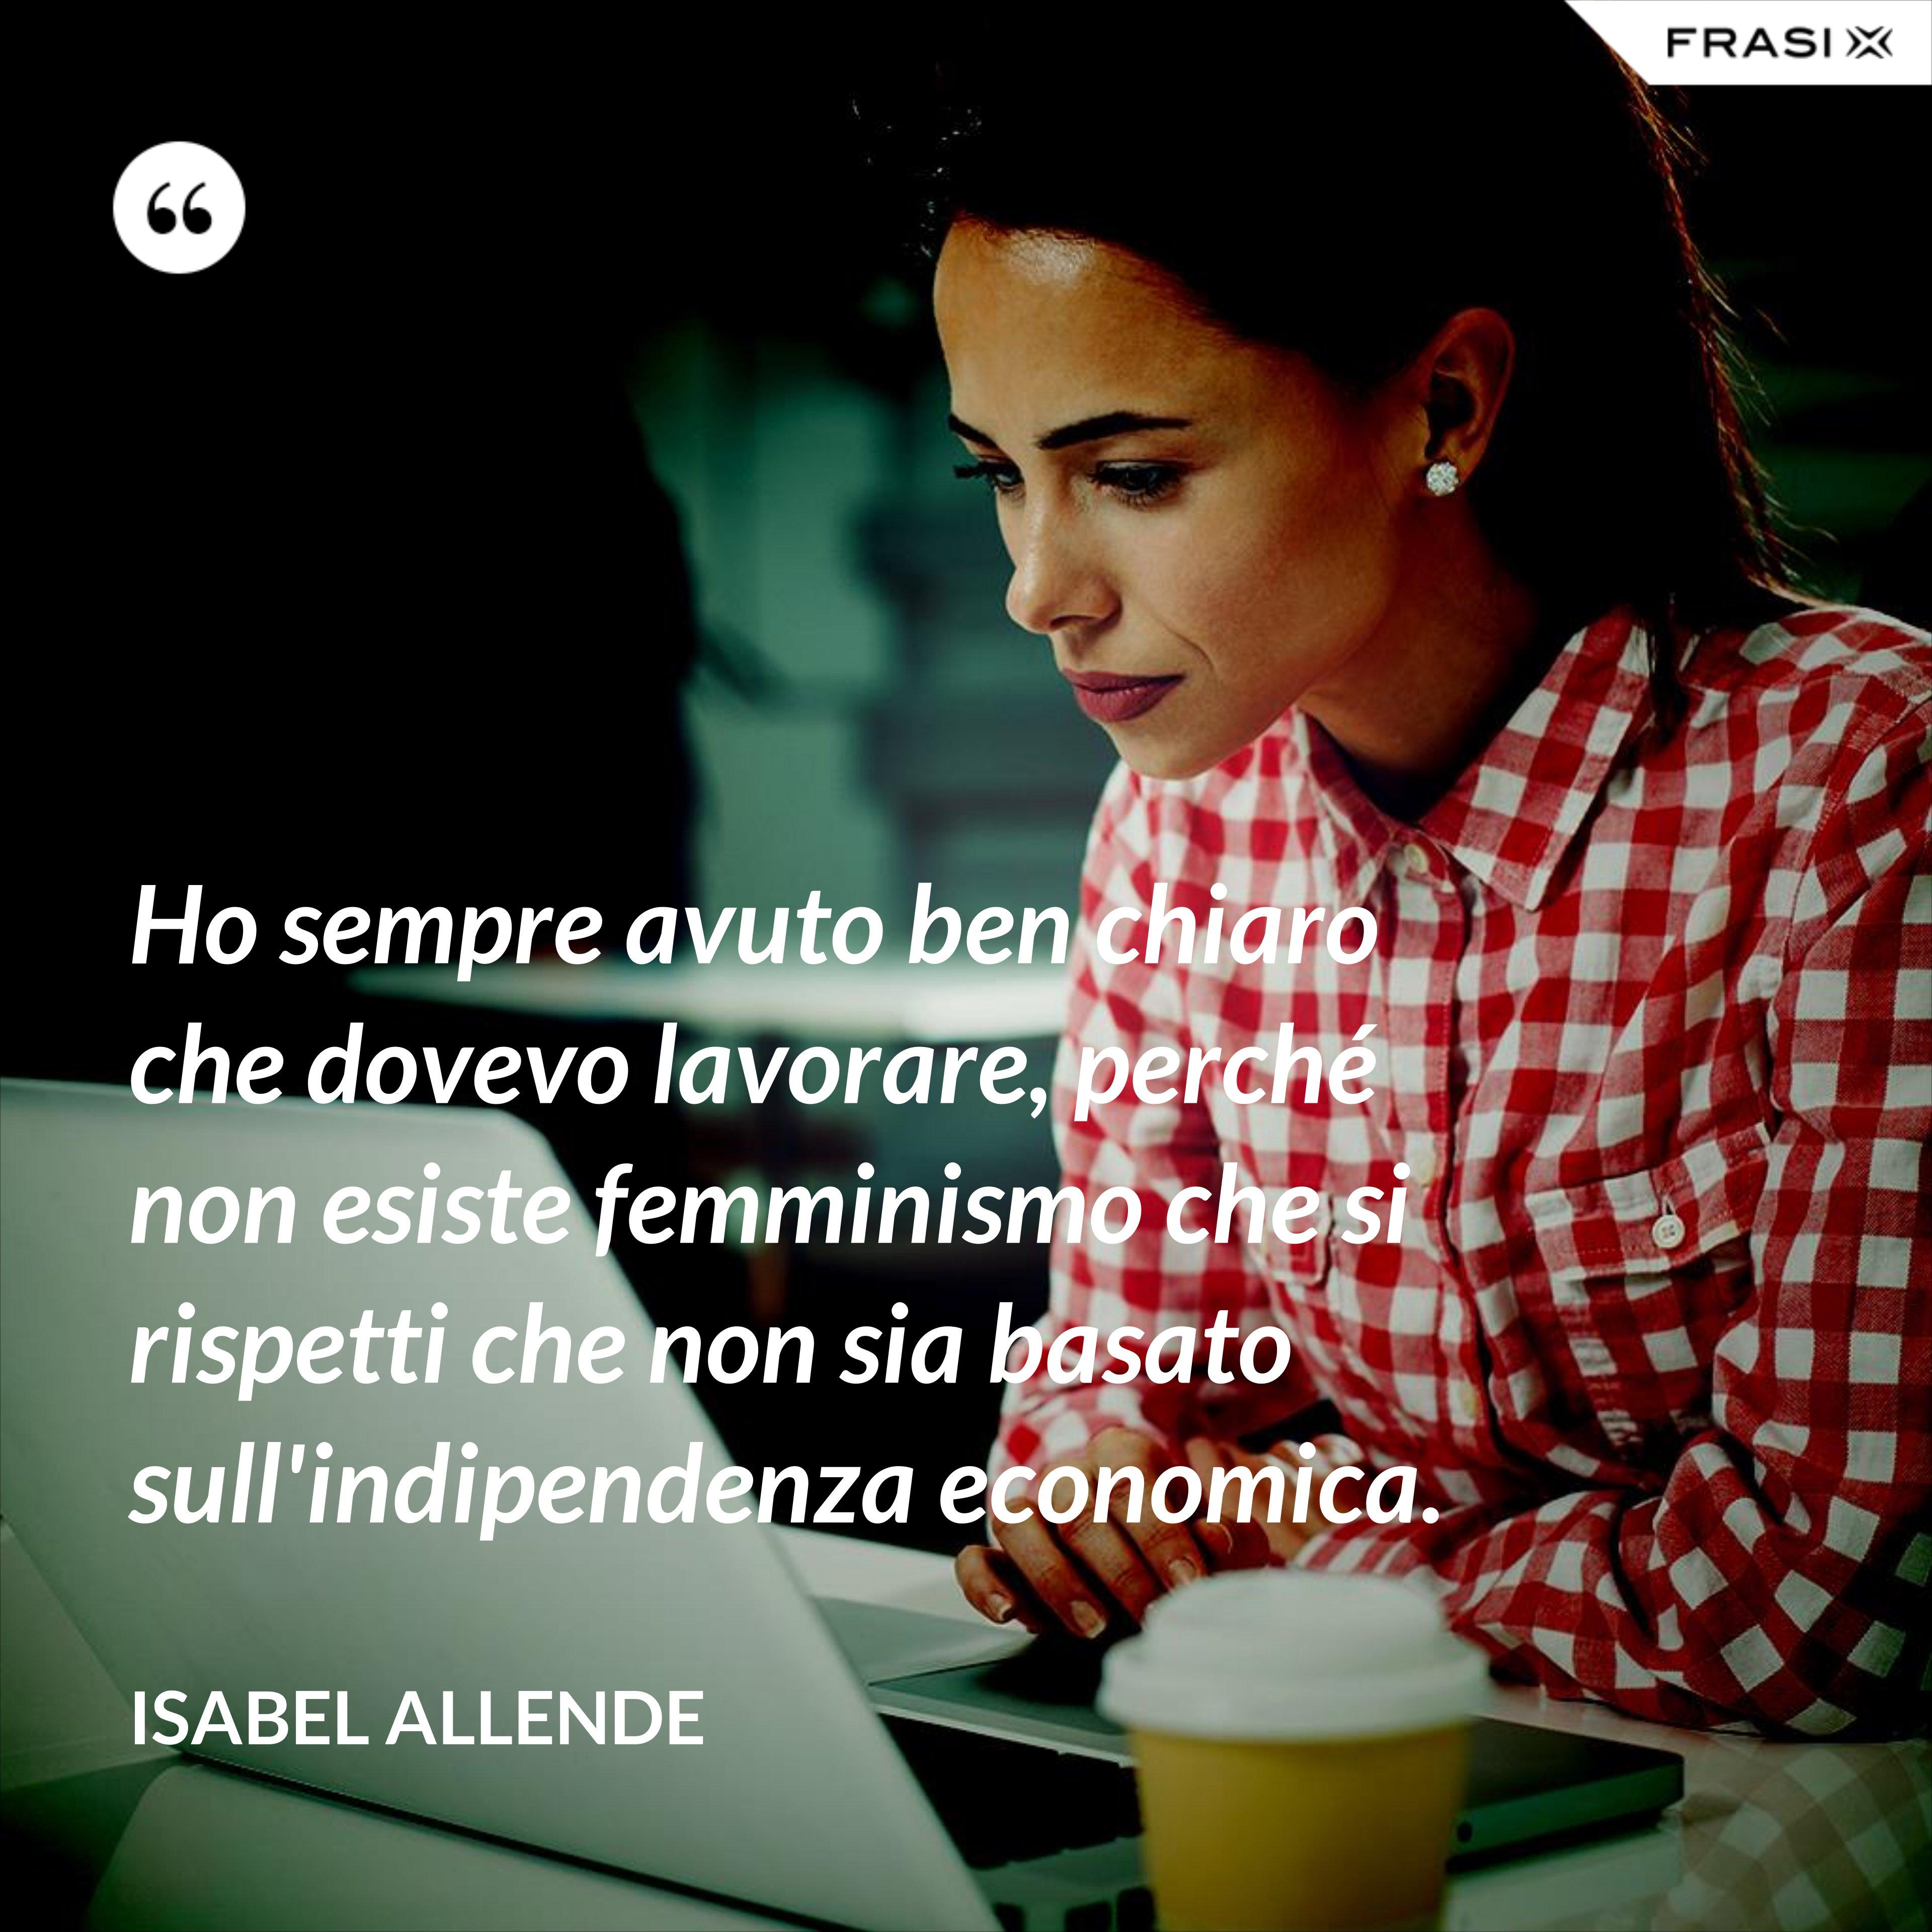 Ho sempre avuto ben chiaro che dovevo lavorare, perché non esiste femminismo che si rispetti che non sia basato sull'indipendenza economica. - Isabel Allende